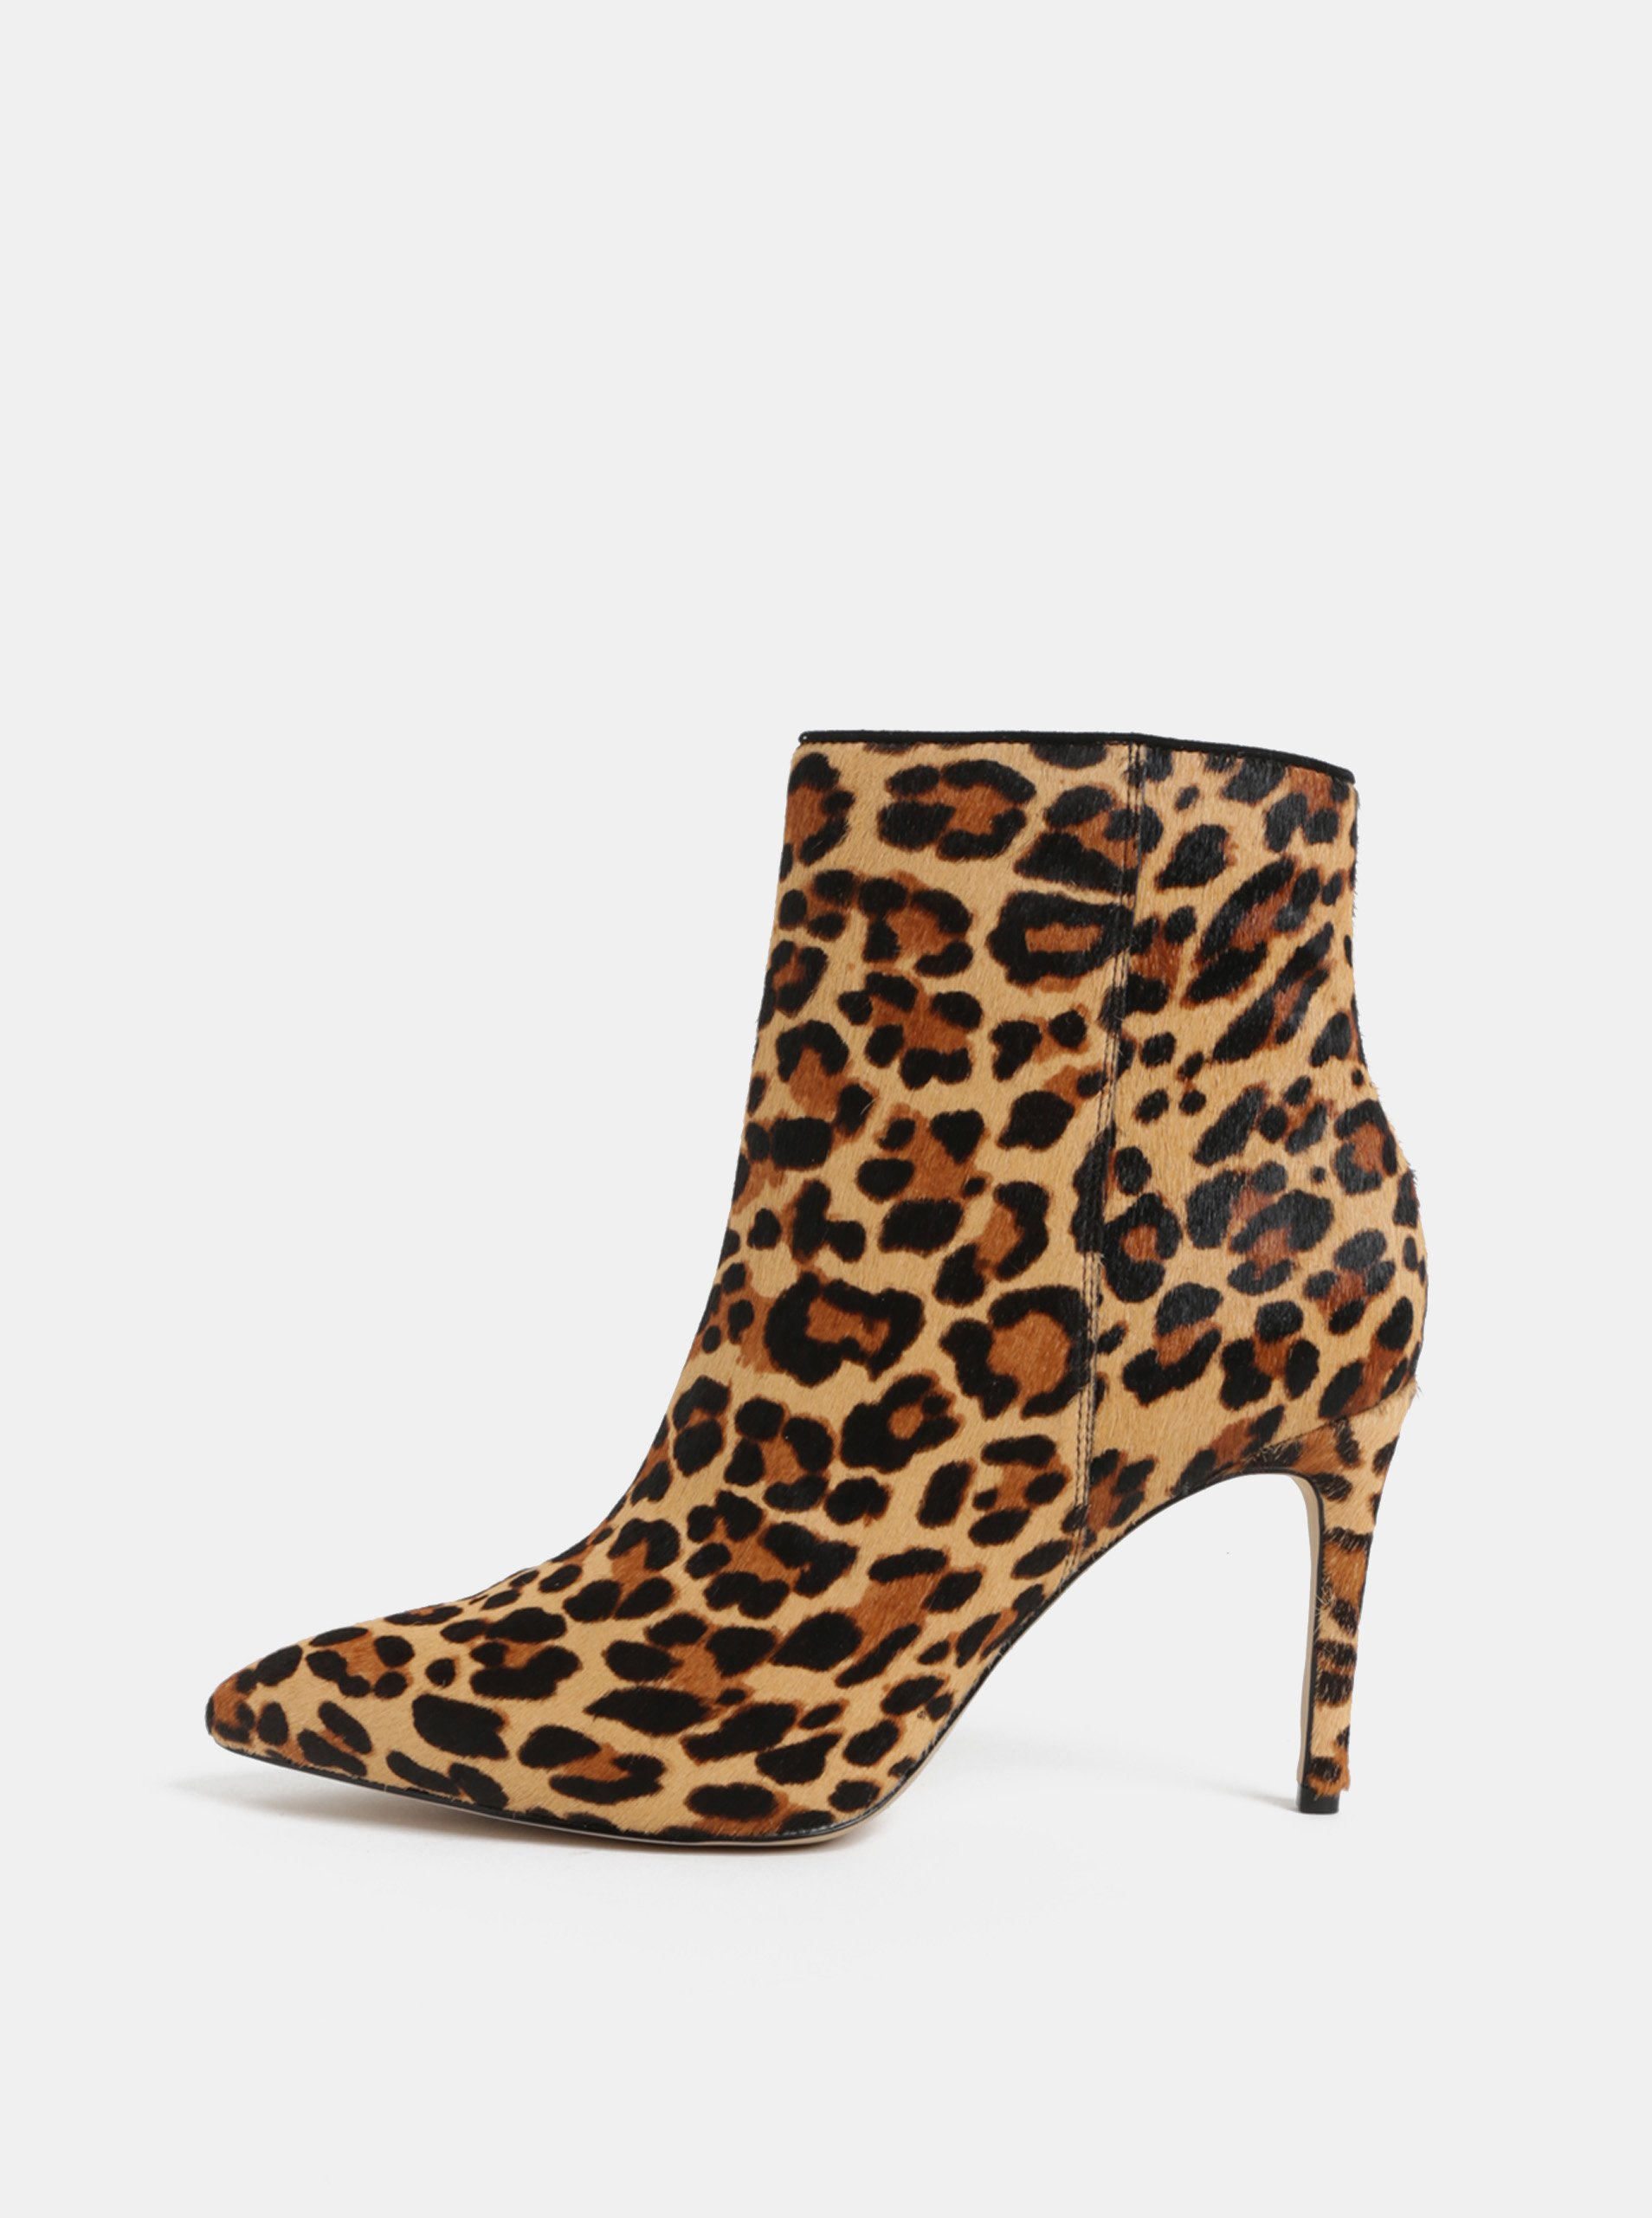 088692c885da Hnedé členkové kožené topánky s leopardím vzorom ALDO